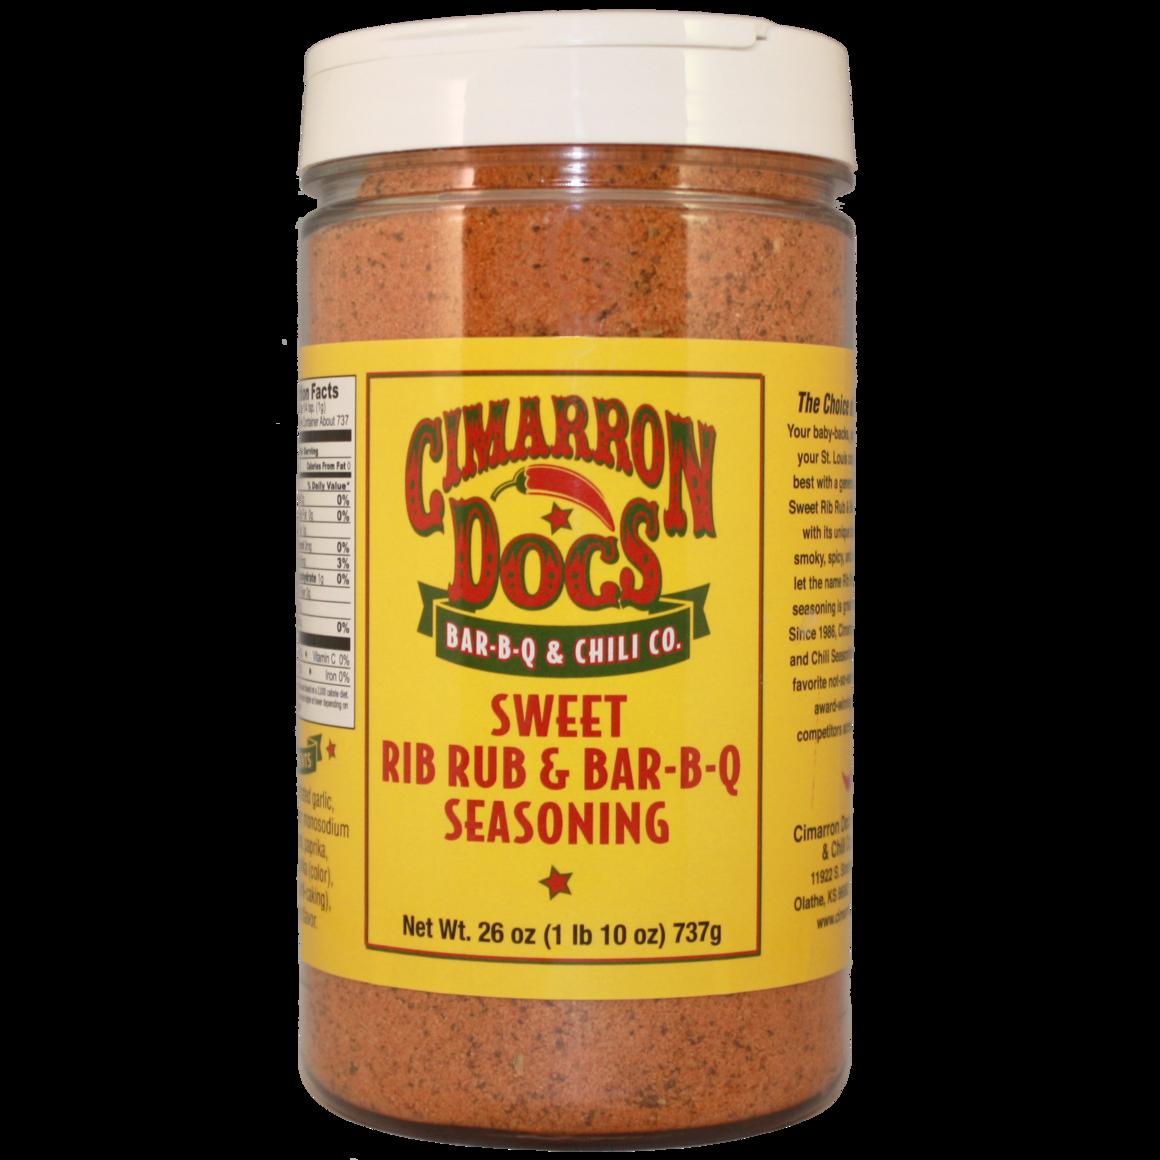 Cimarron Doc's Sweet Rib Rub & Bar-B-Q Seasoning 1 lb. 10 oz.